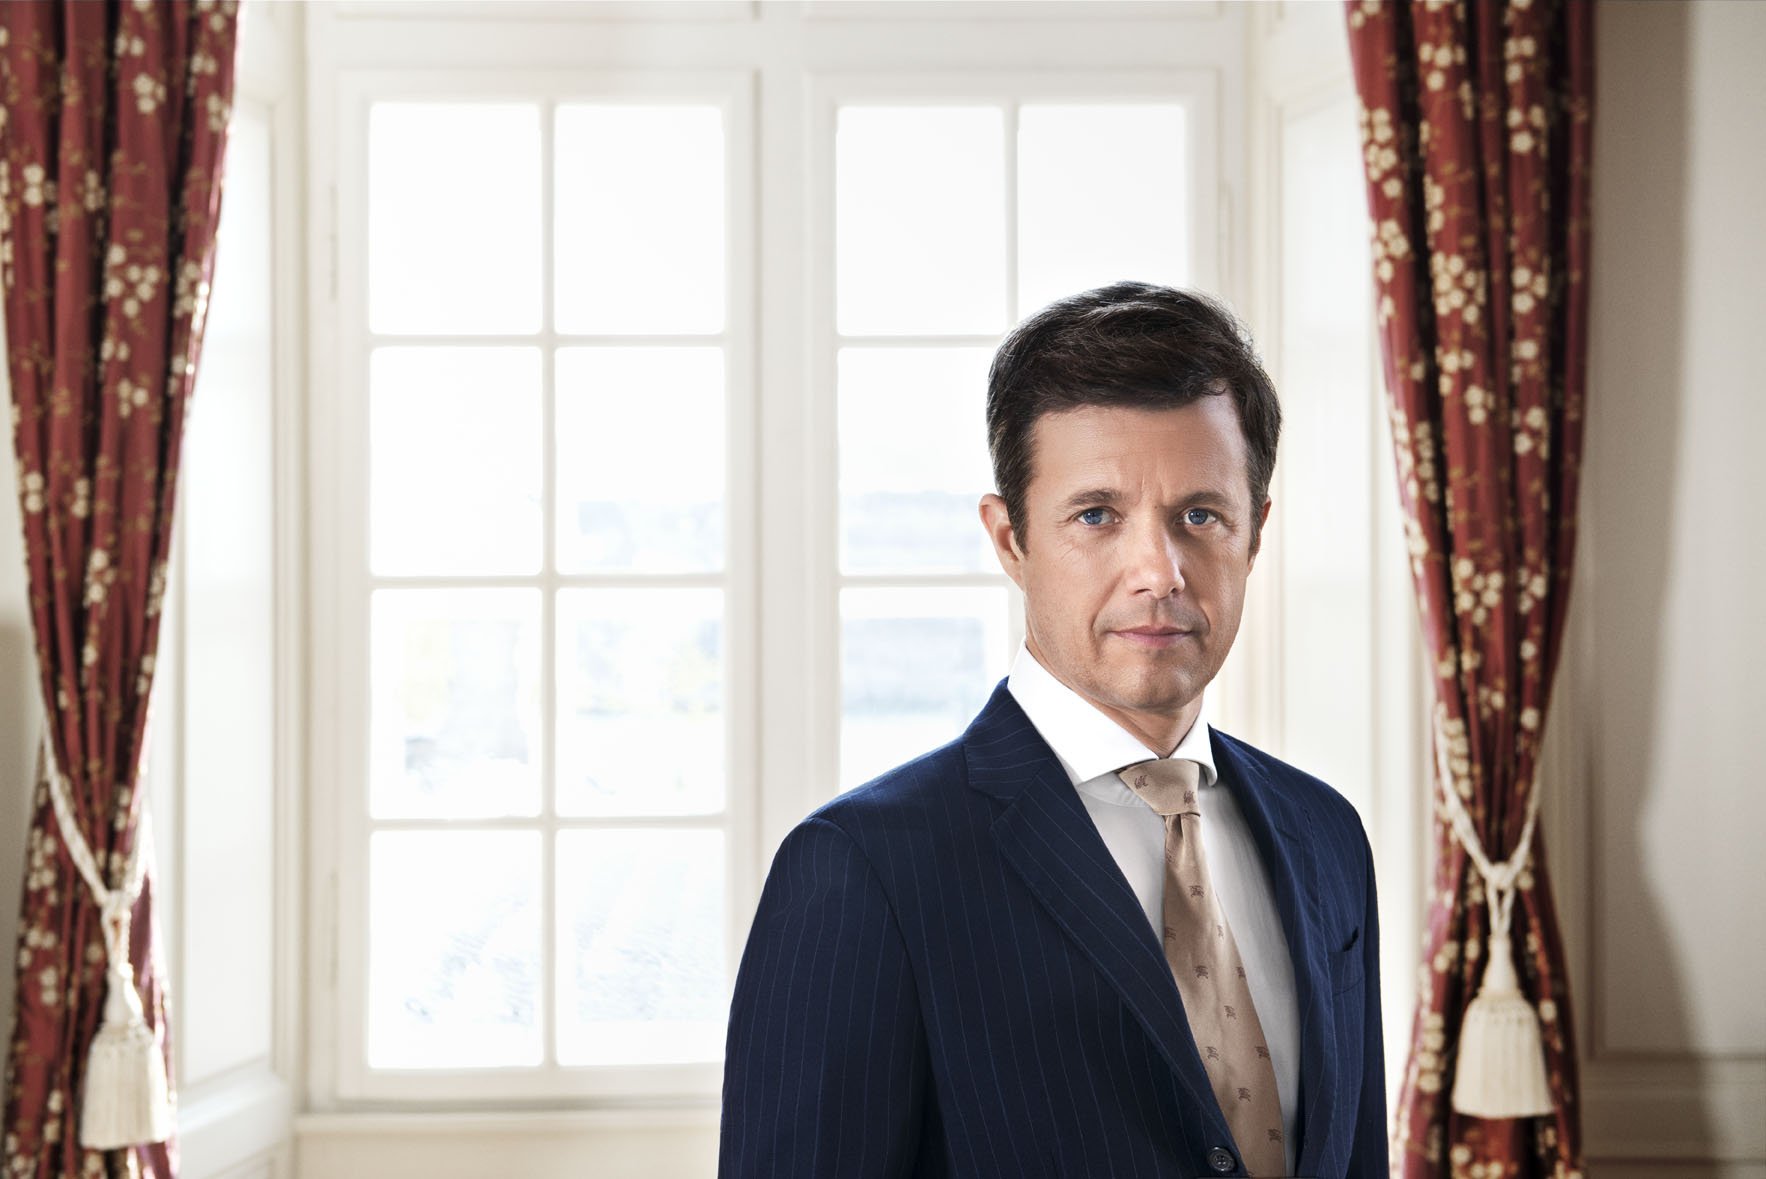 Hkh. Kronprins Frederik